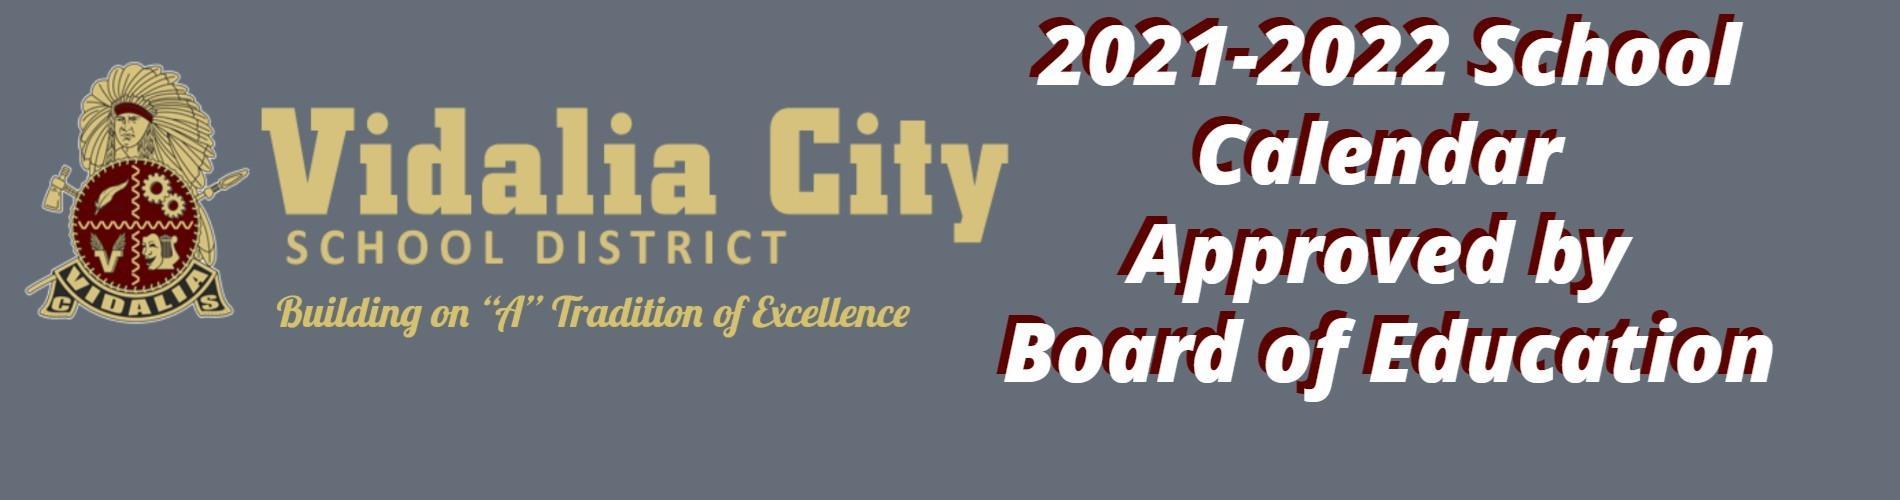 2021/2022 School Calendar Released